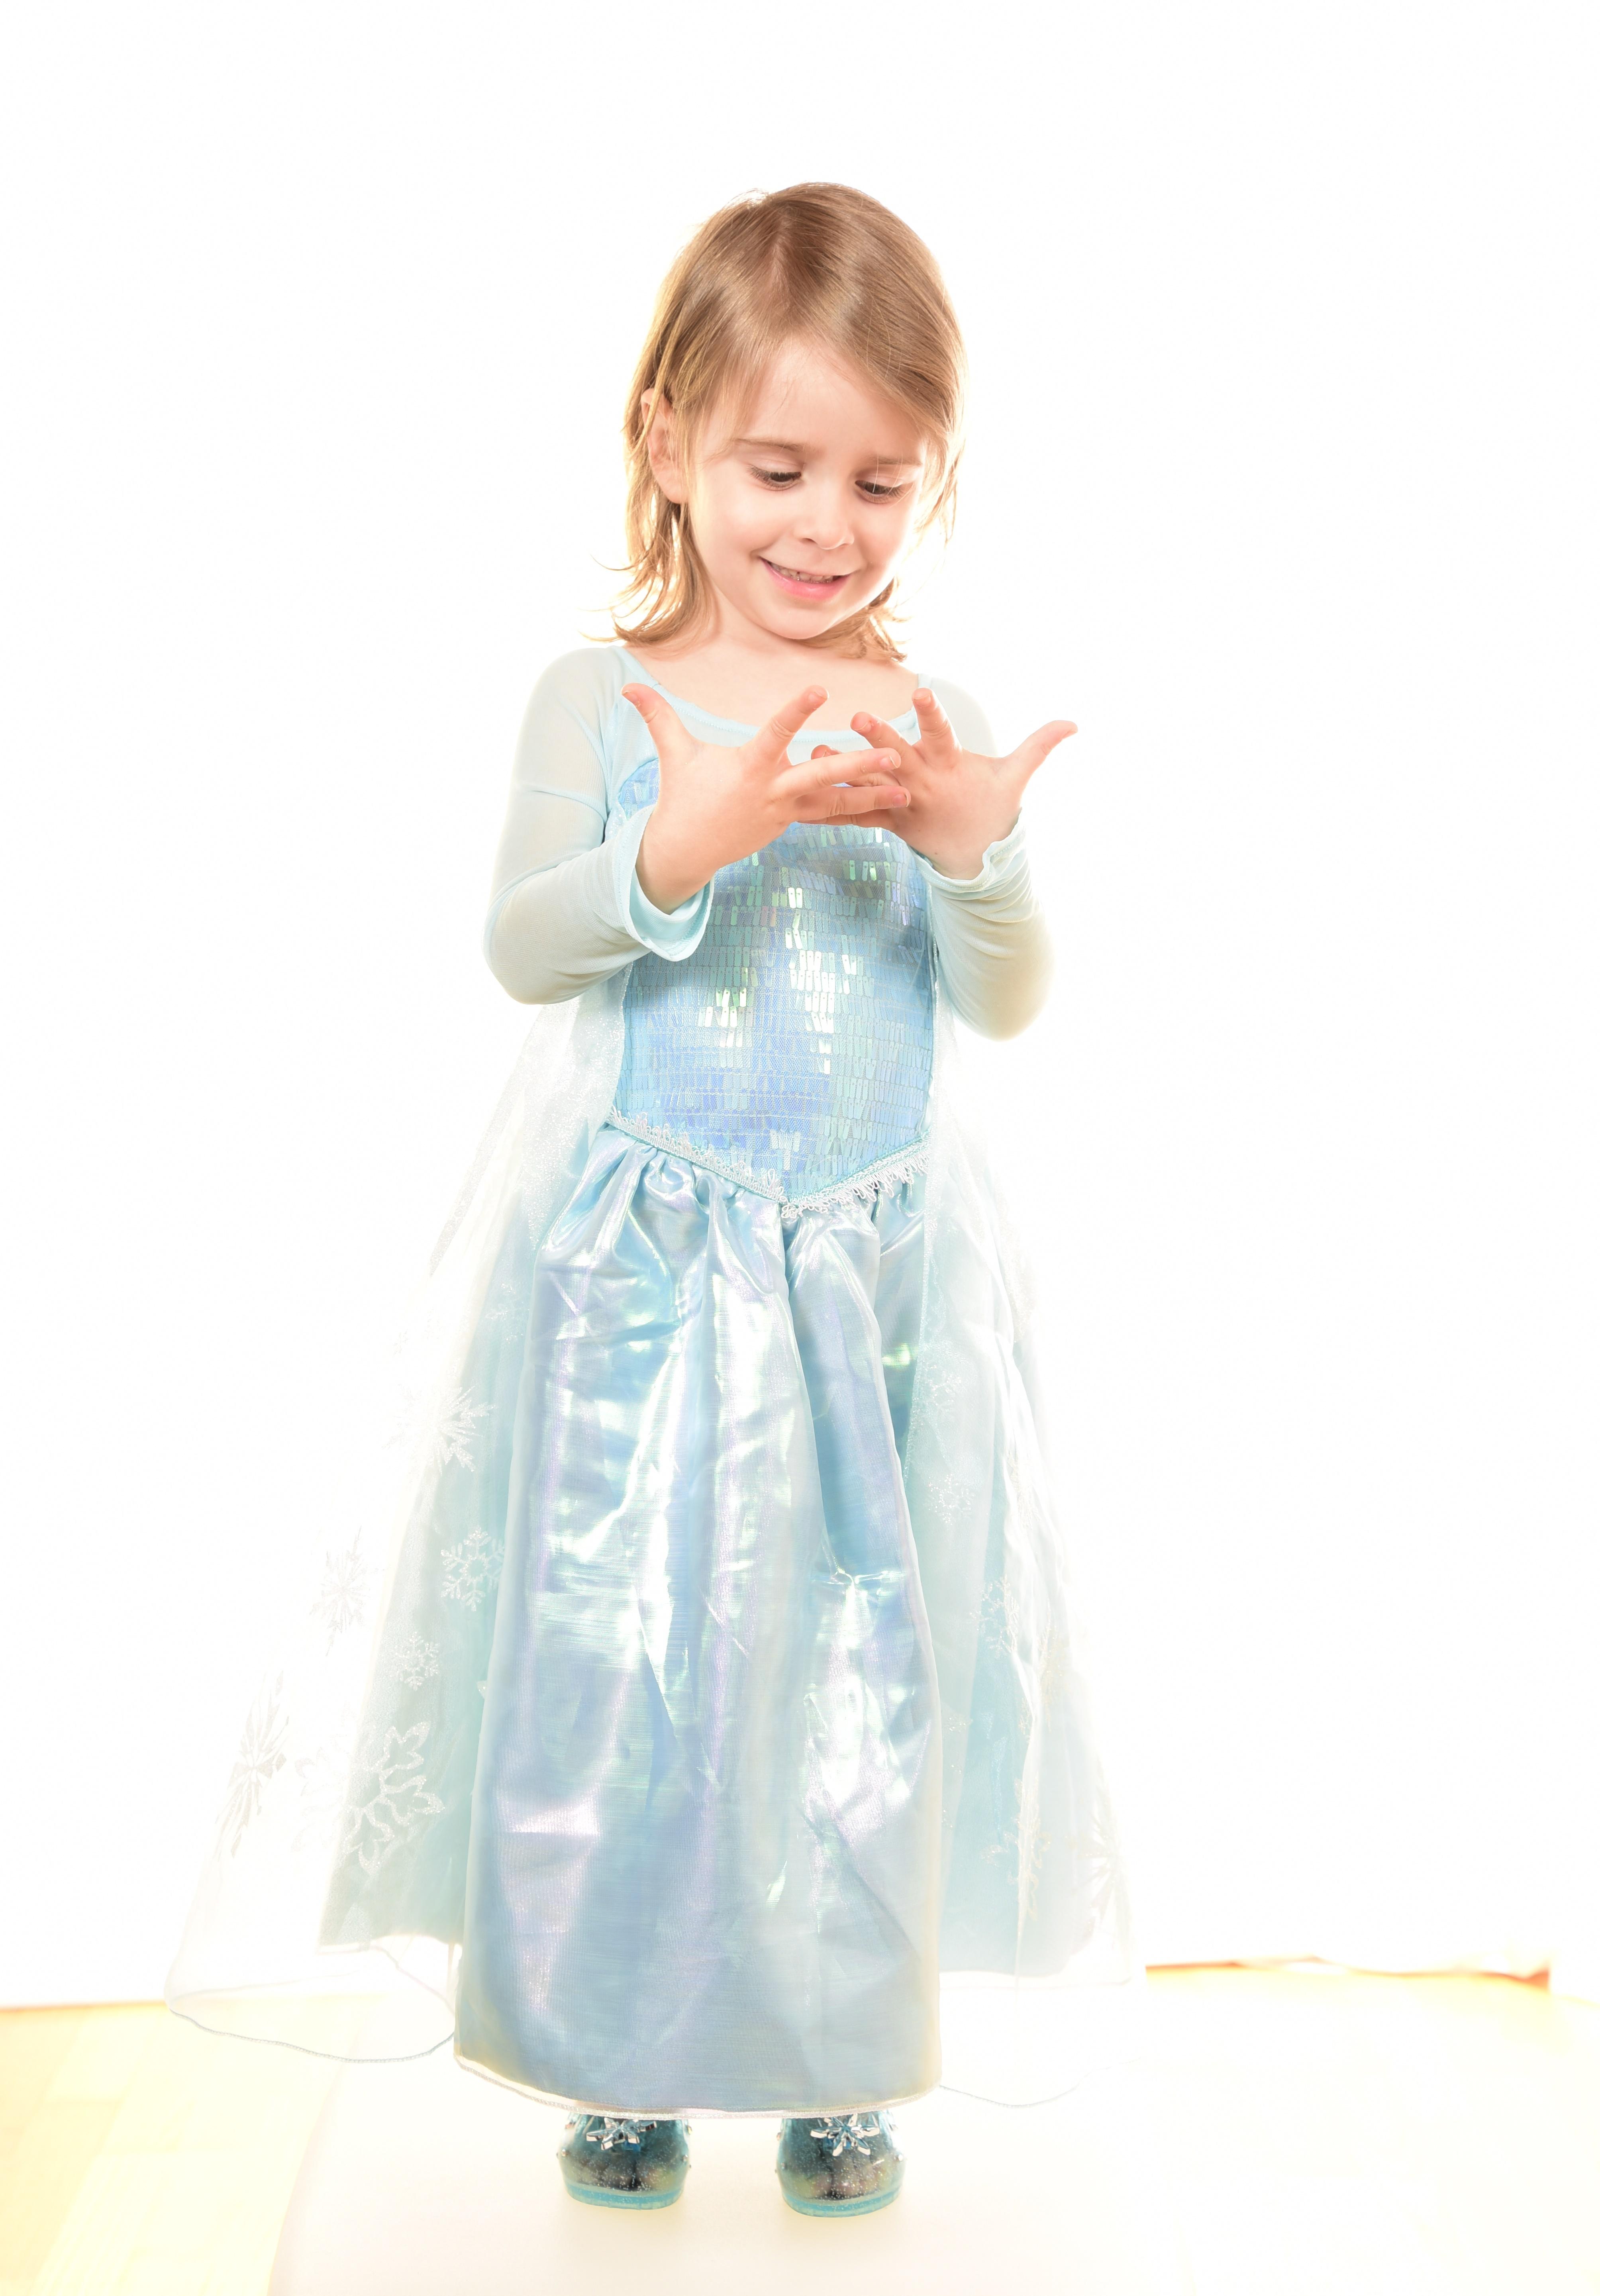 Sono disponibili costumi per i più piccini, da 1 a 3 anni, e anche una ricca scelta di vestiti di Carnevale per i bambini un po' più grandi, dai 3 ai 7 anni, oltre a una serie di accessori per completare il .